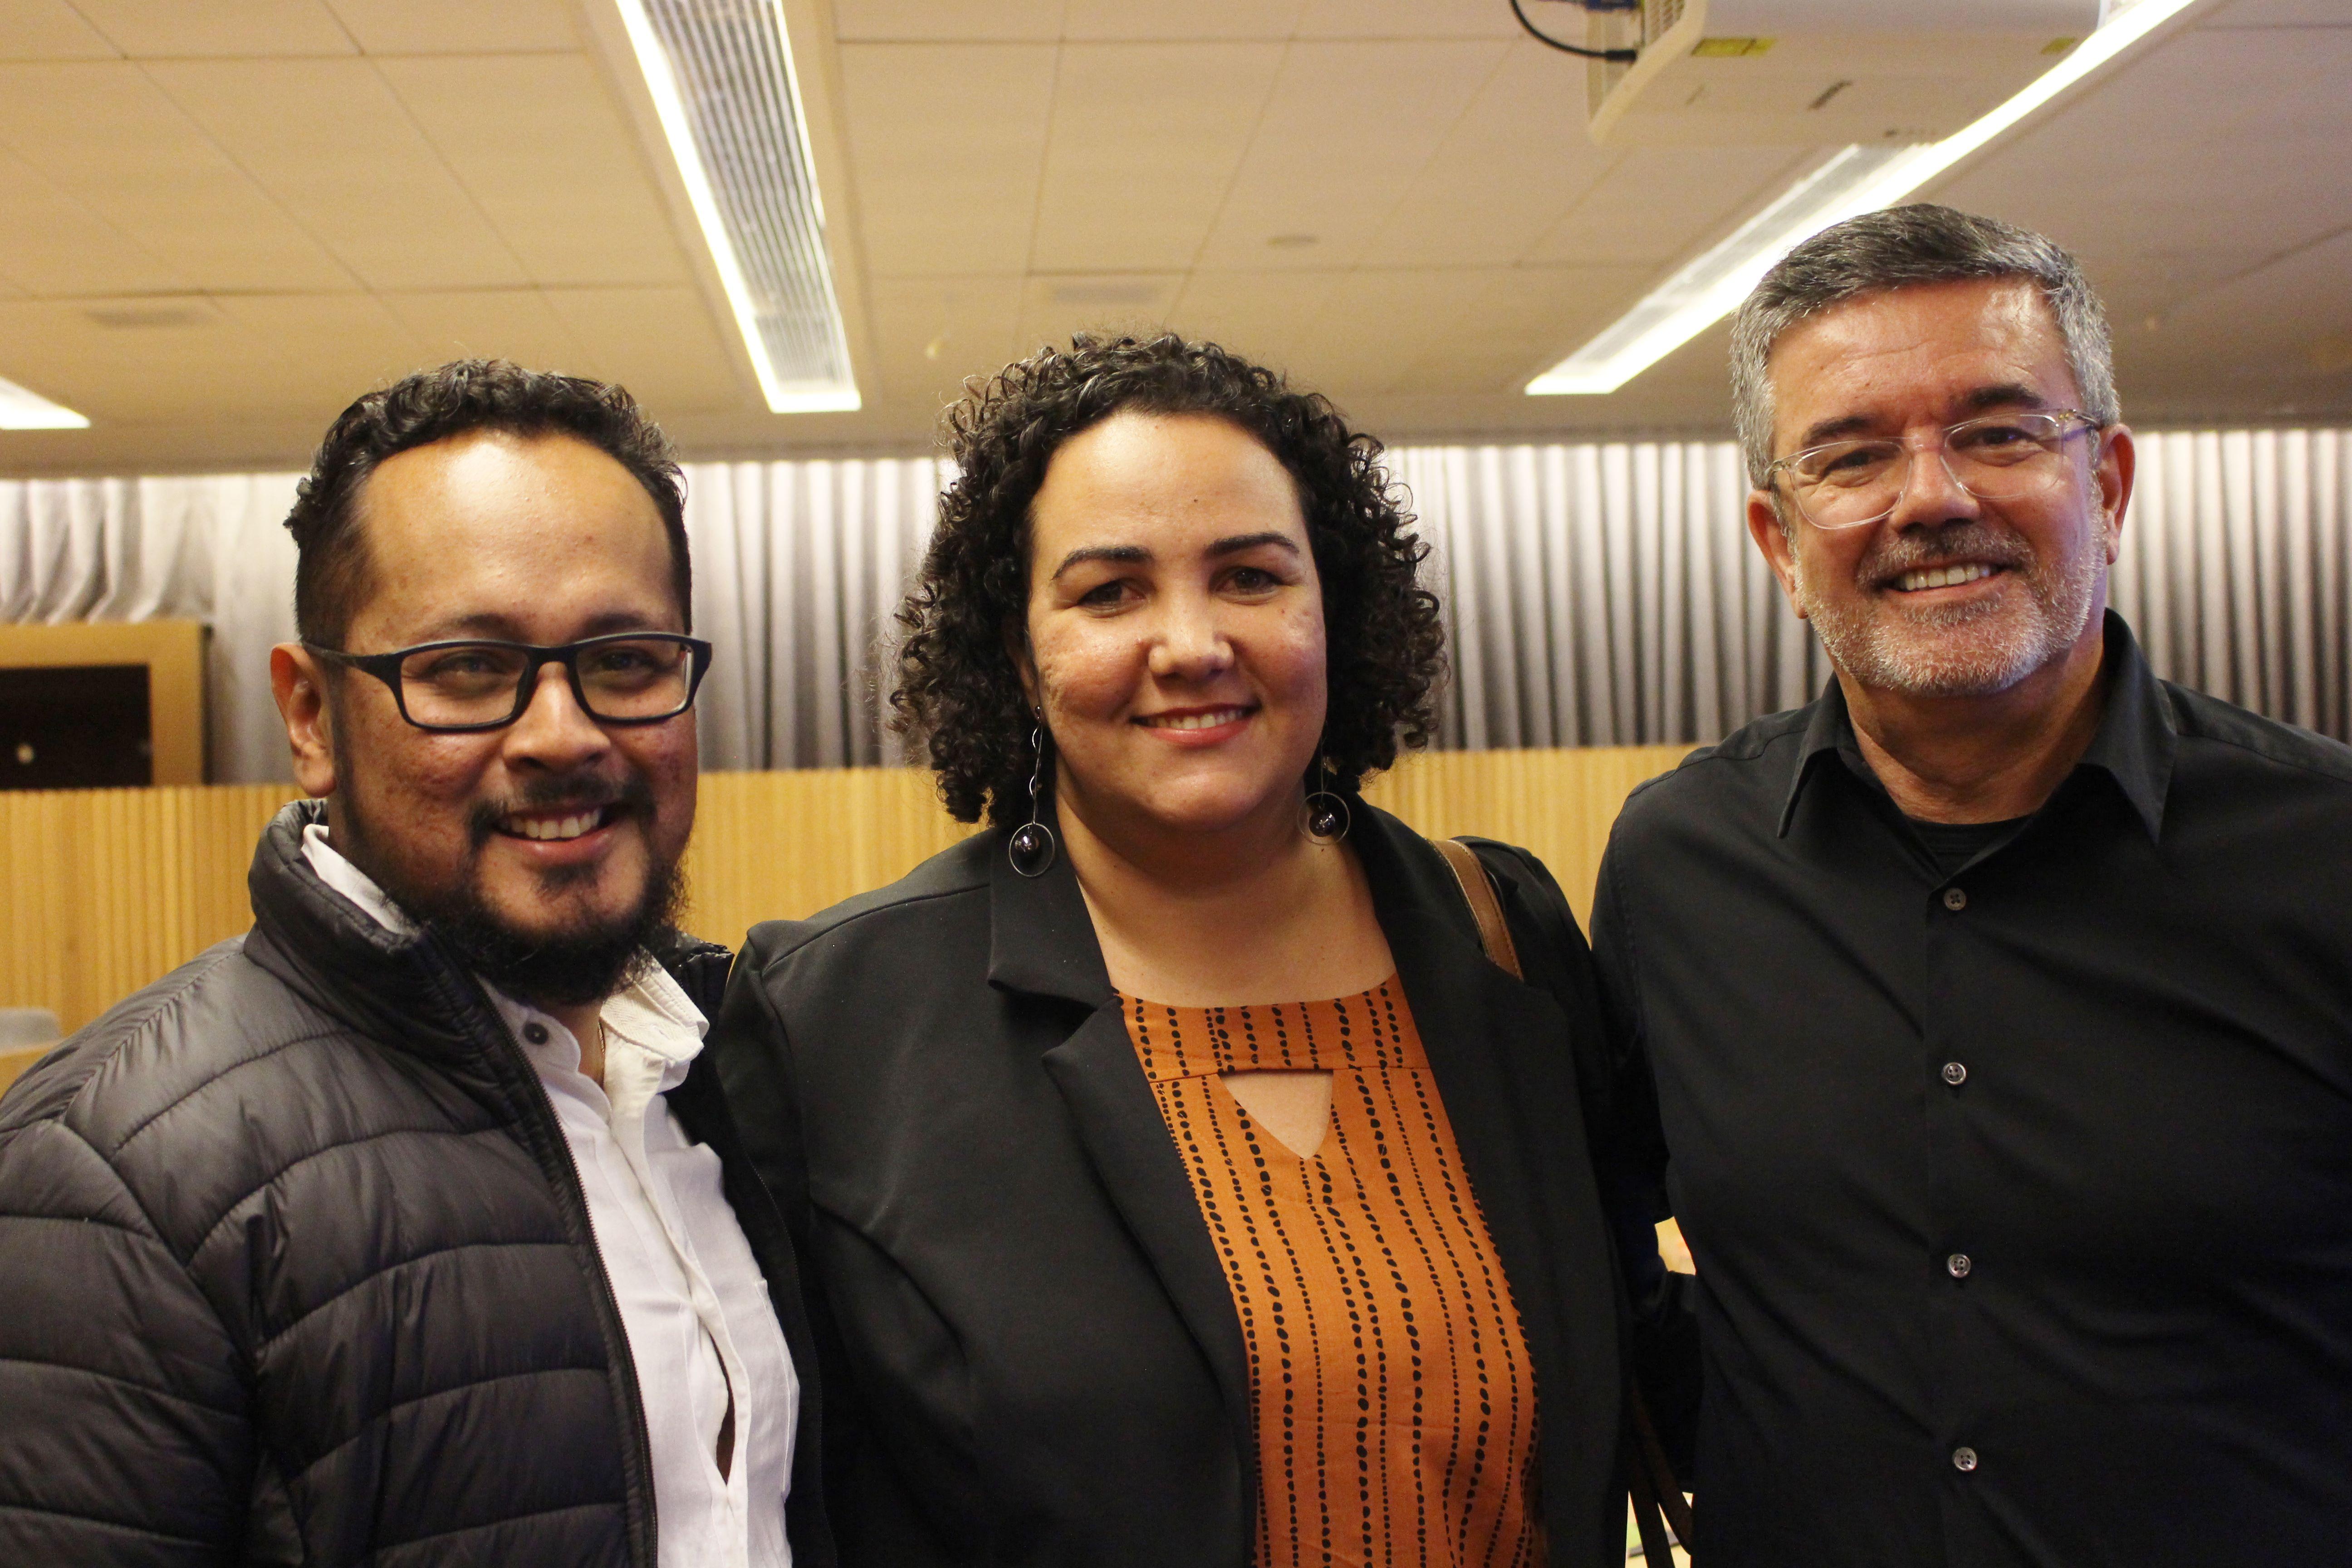 Encontro de Lideranças BrazilFoundation